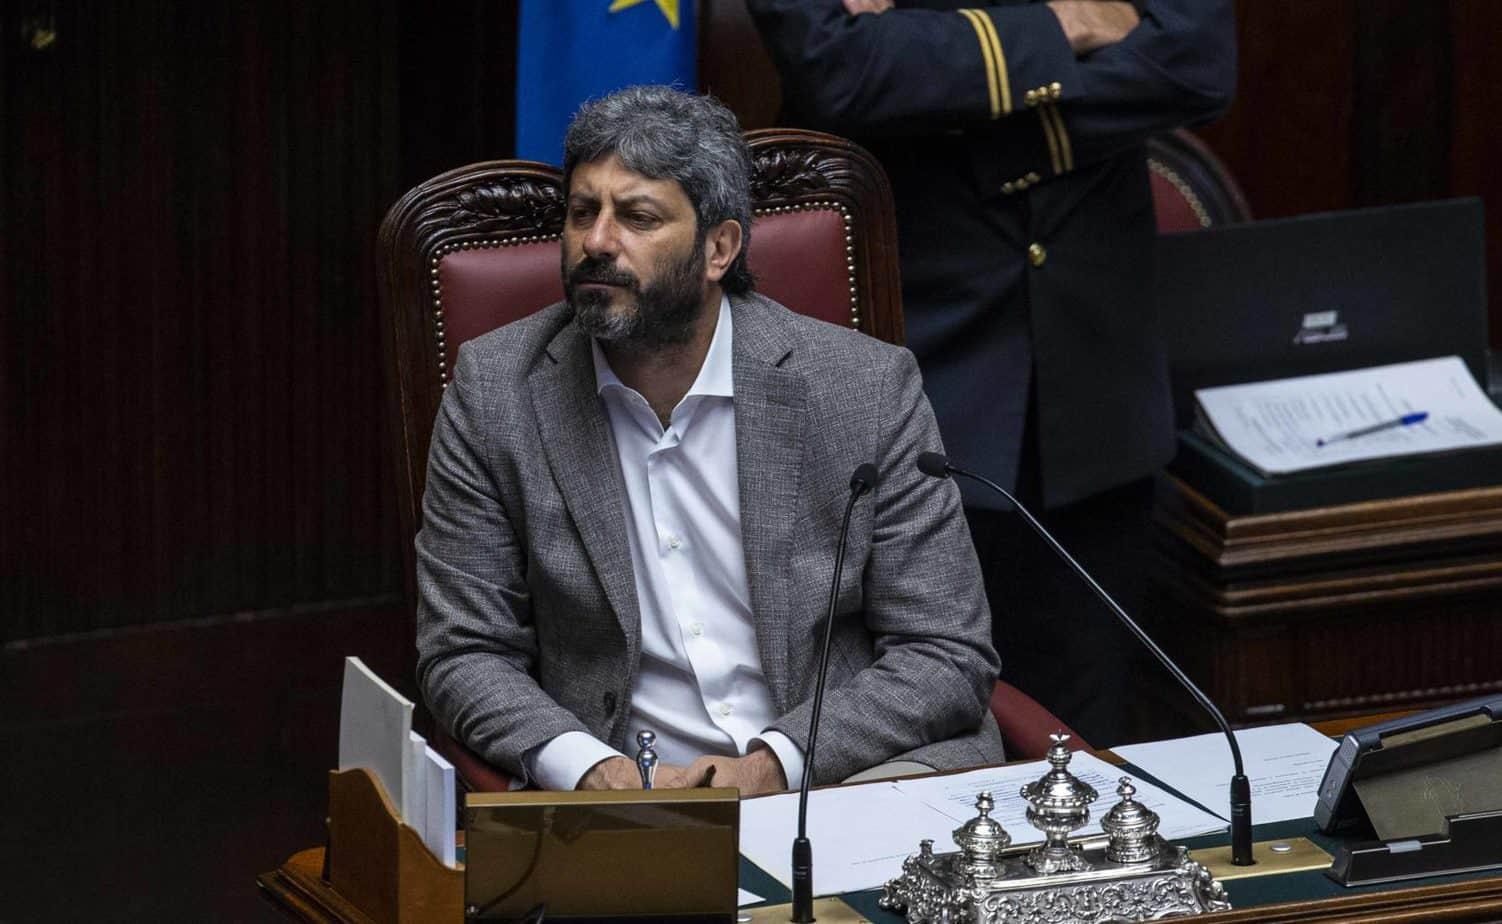 La camera approva il taglio dei vitalizi a 1.240 ex Parlamentari